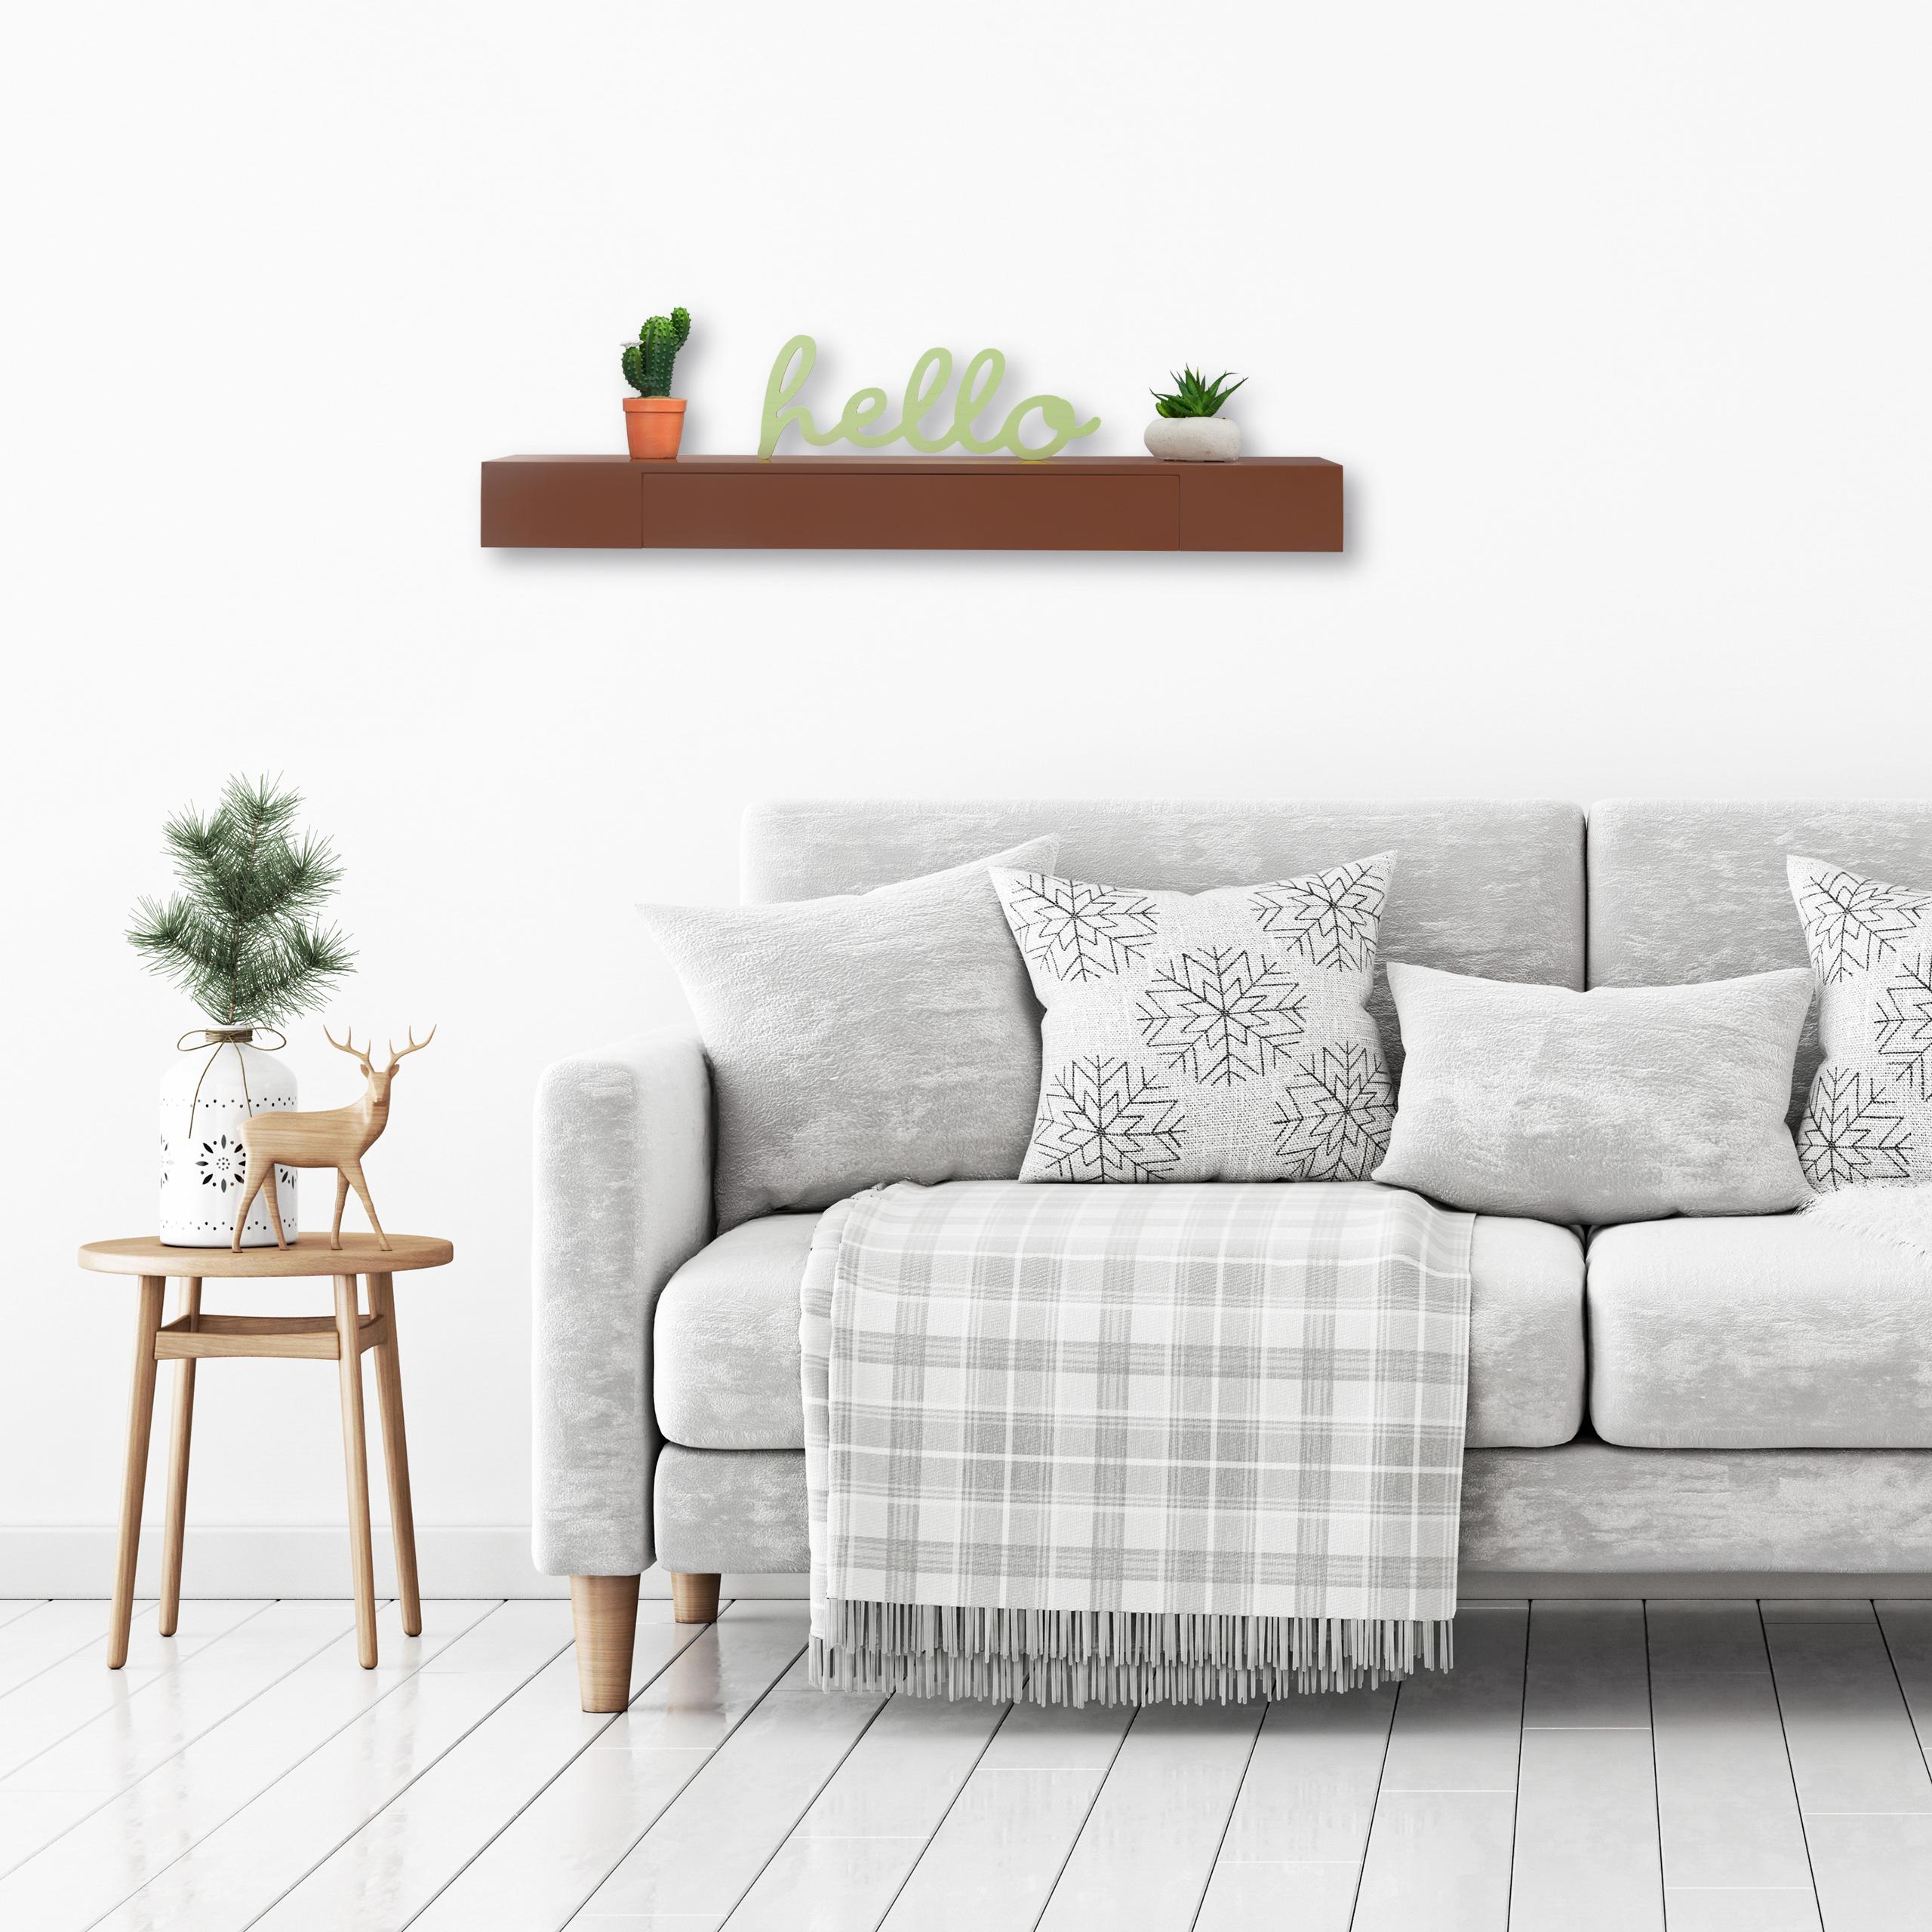 Wandregal-mit-Schublade-freischwebend-Design-Deko-Wohnzimmer-modern-Ablage Indexbild 24